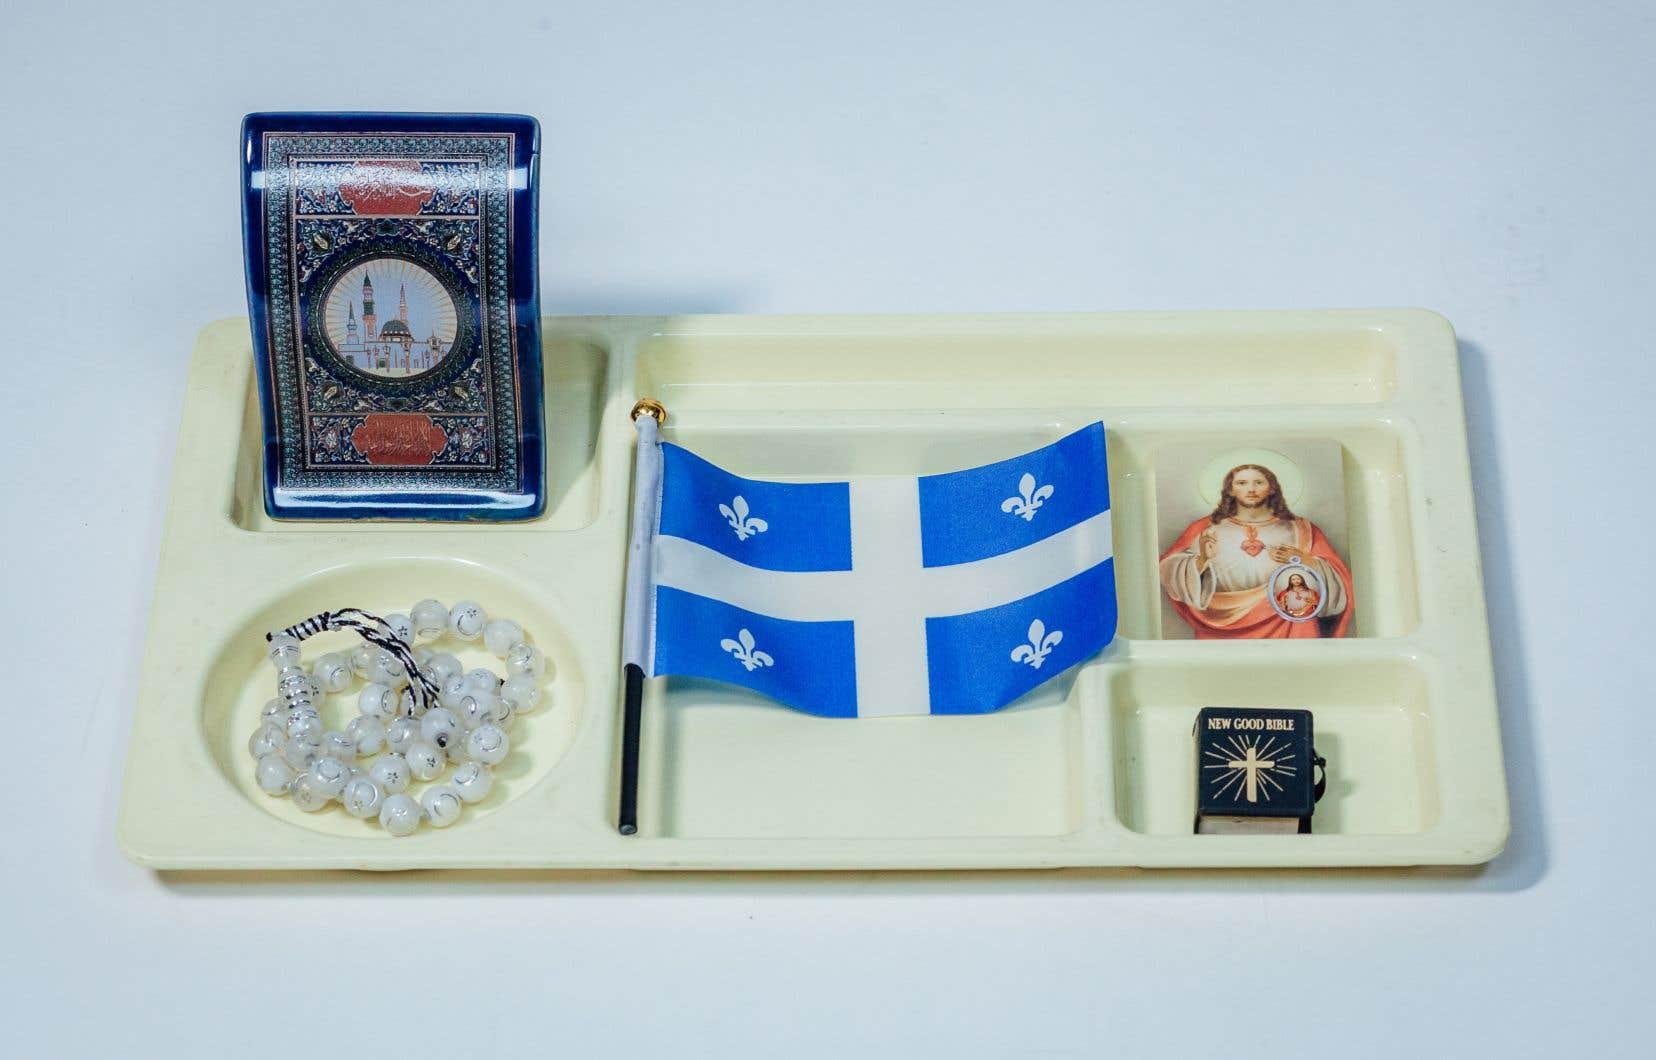 Aux yeux du gouvernement, «tout objet, notamment un vêtement, un symbole, un bijou, une parure, un accessoire ou un couvre-chef» sera considéré comme étant un «signe religieux», s'il est porté «en lien avec une conviction ou une croyance religieuse».